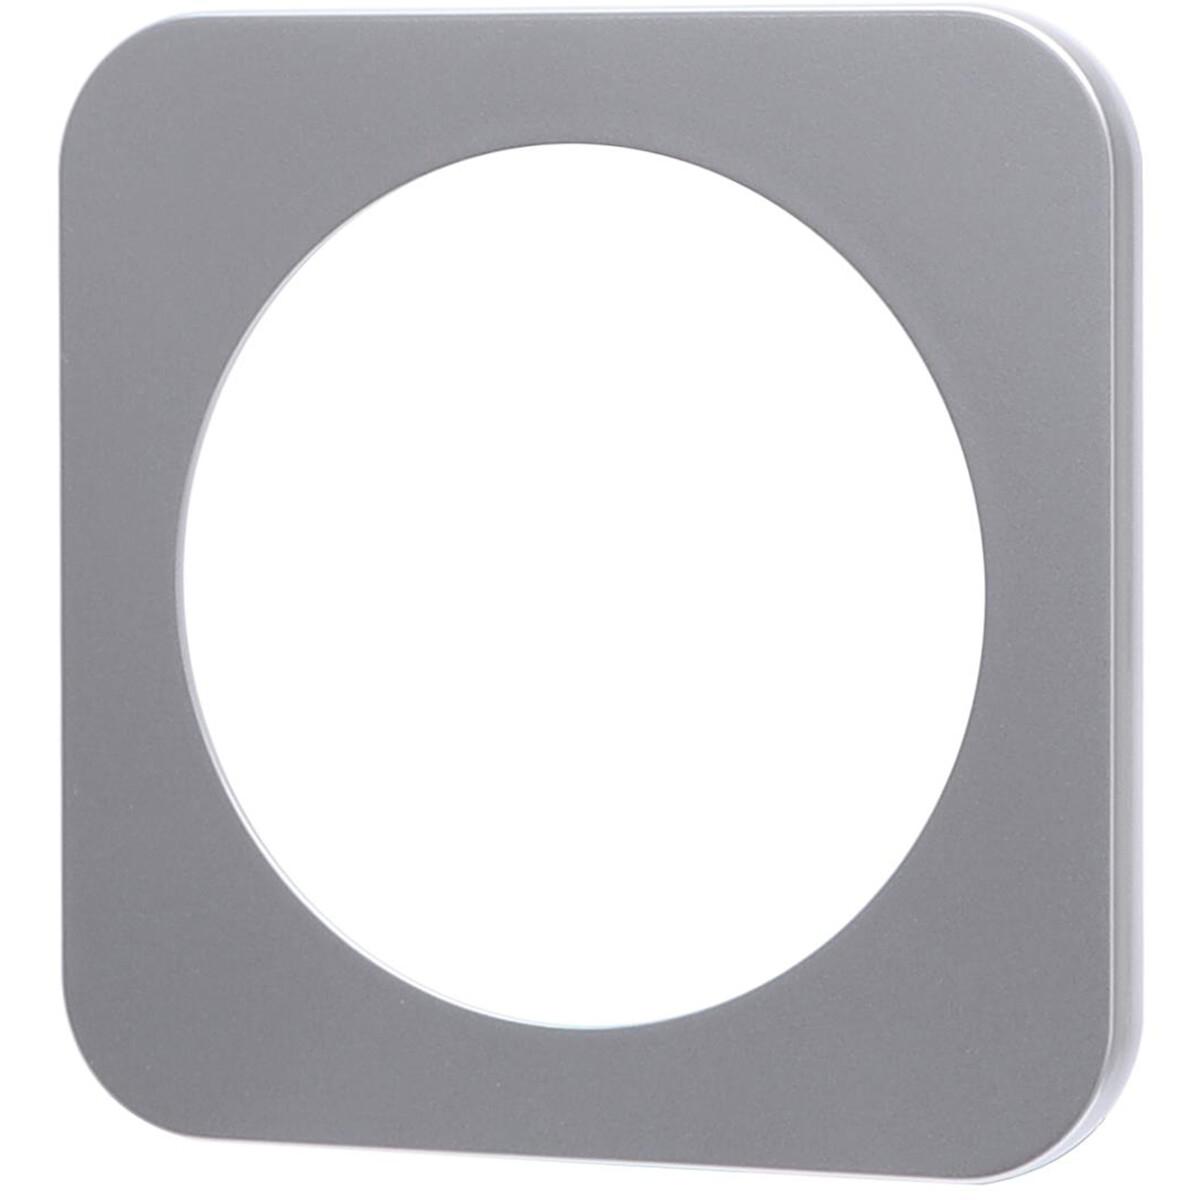 Afdekraam - Aigi Jura - 1-voudig - Rond - Kunststof - Zilver